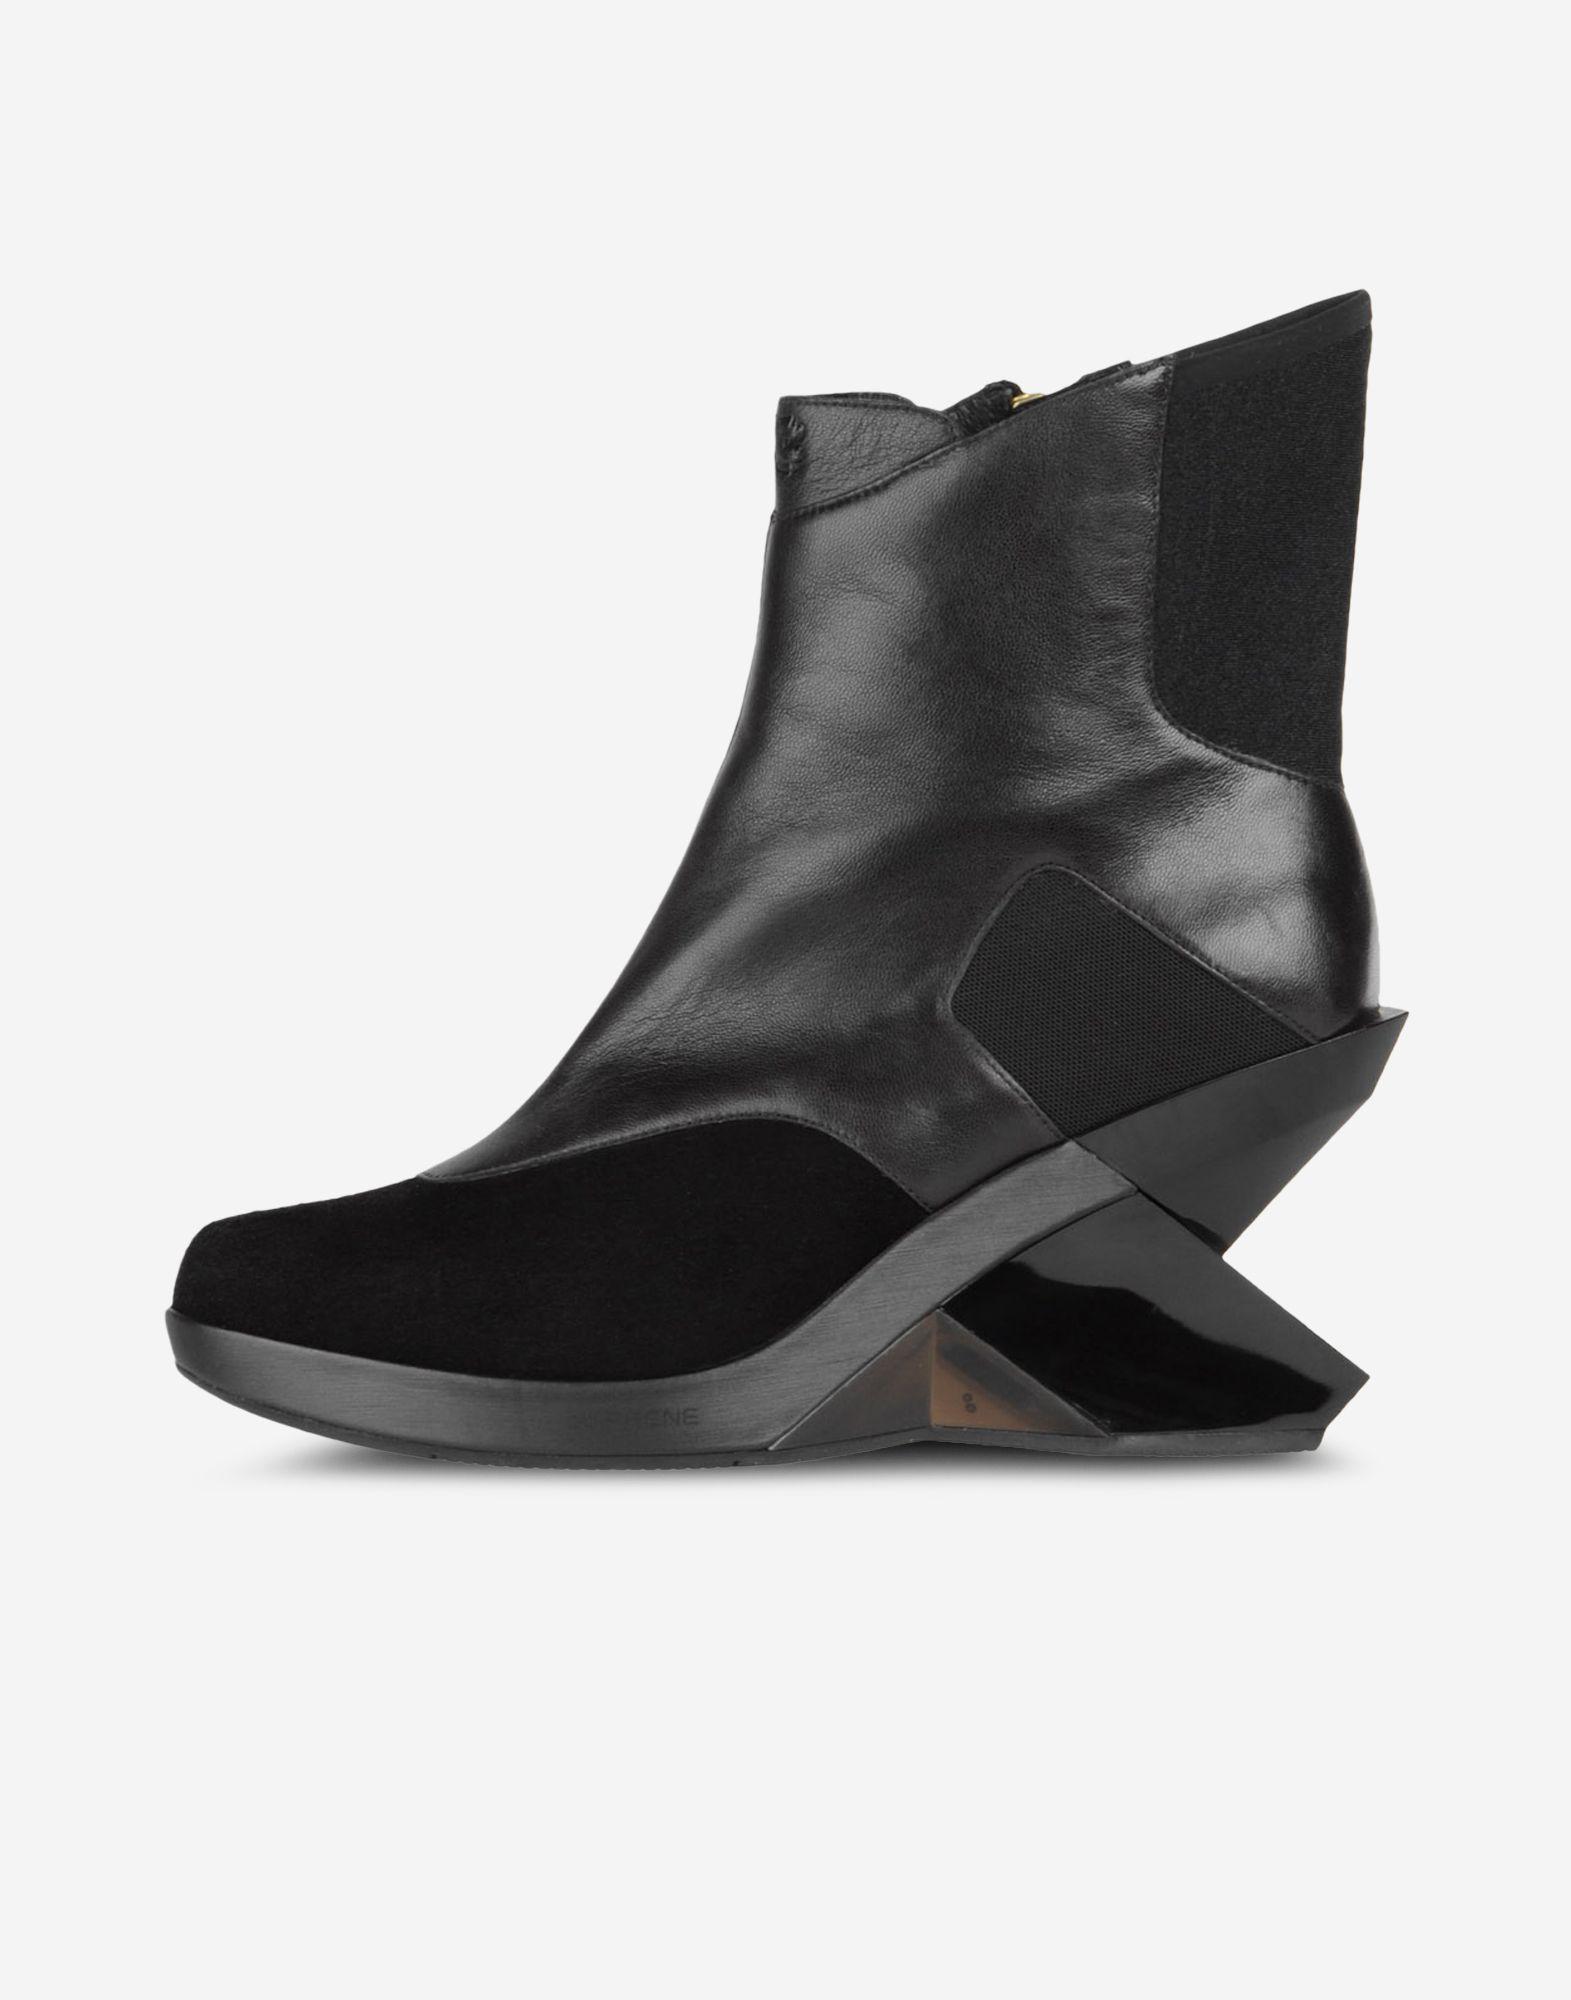 chaussures de séparation fd6e1 06cc5 Y 3 Tenet Wedge Bottines | Adidas Y-3 Site Officiel